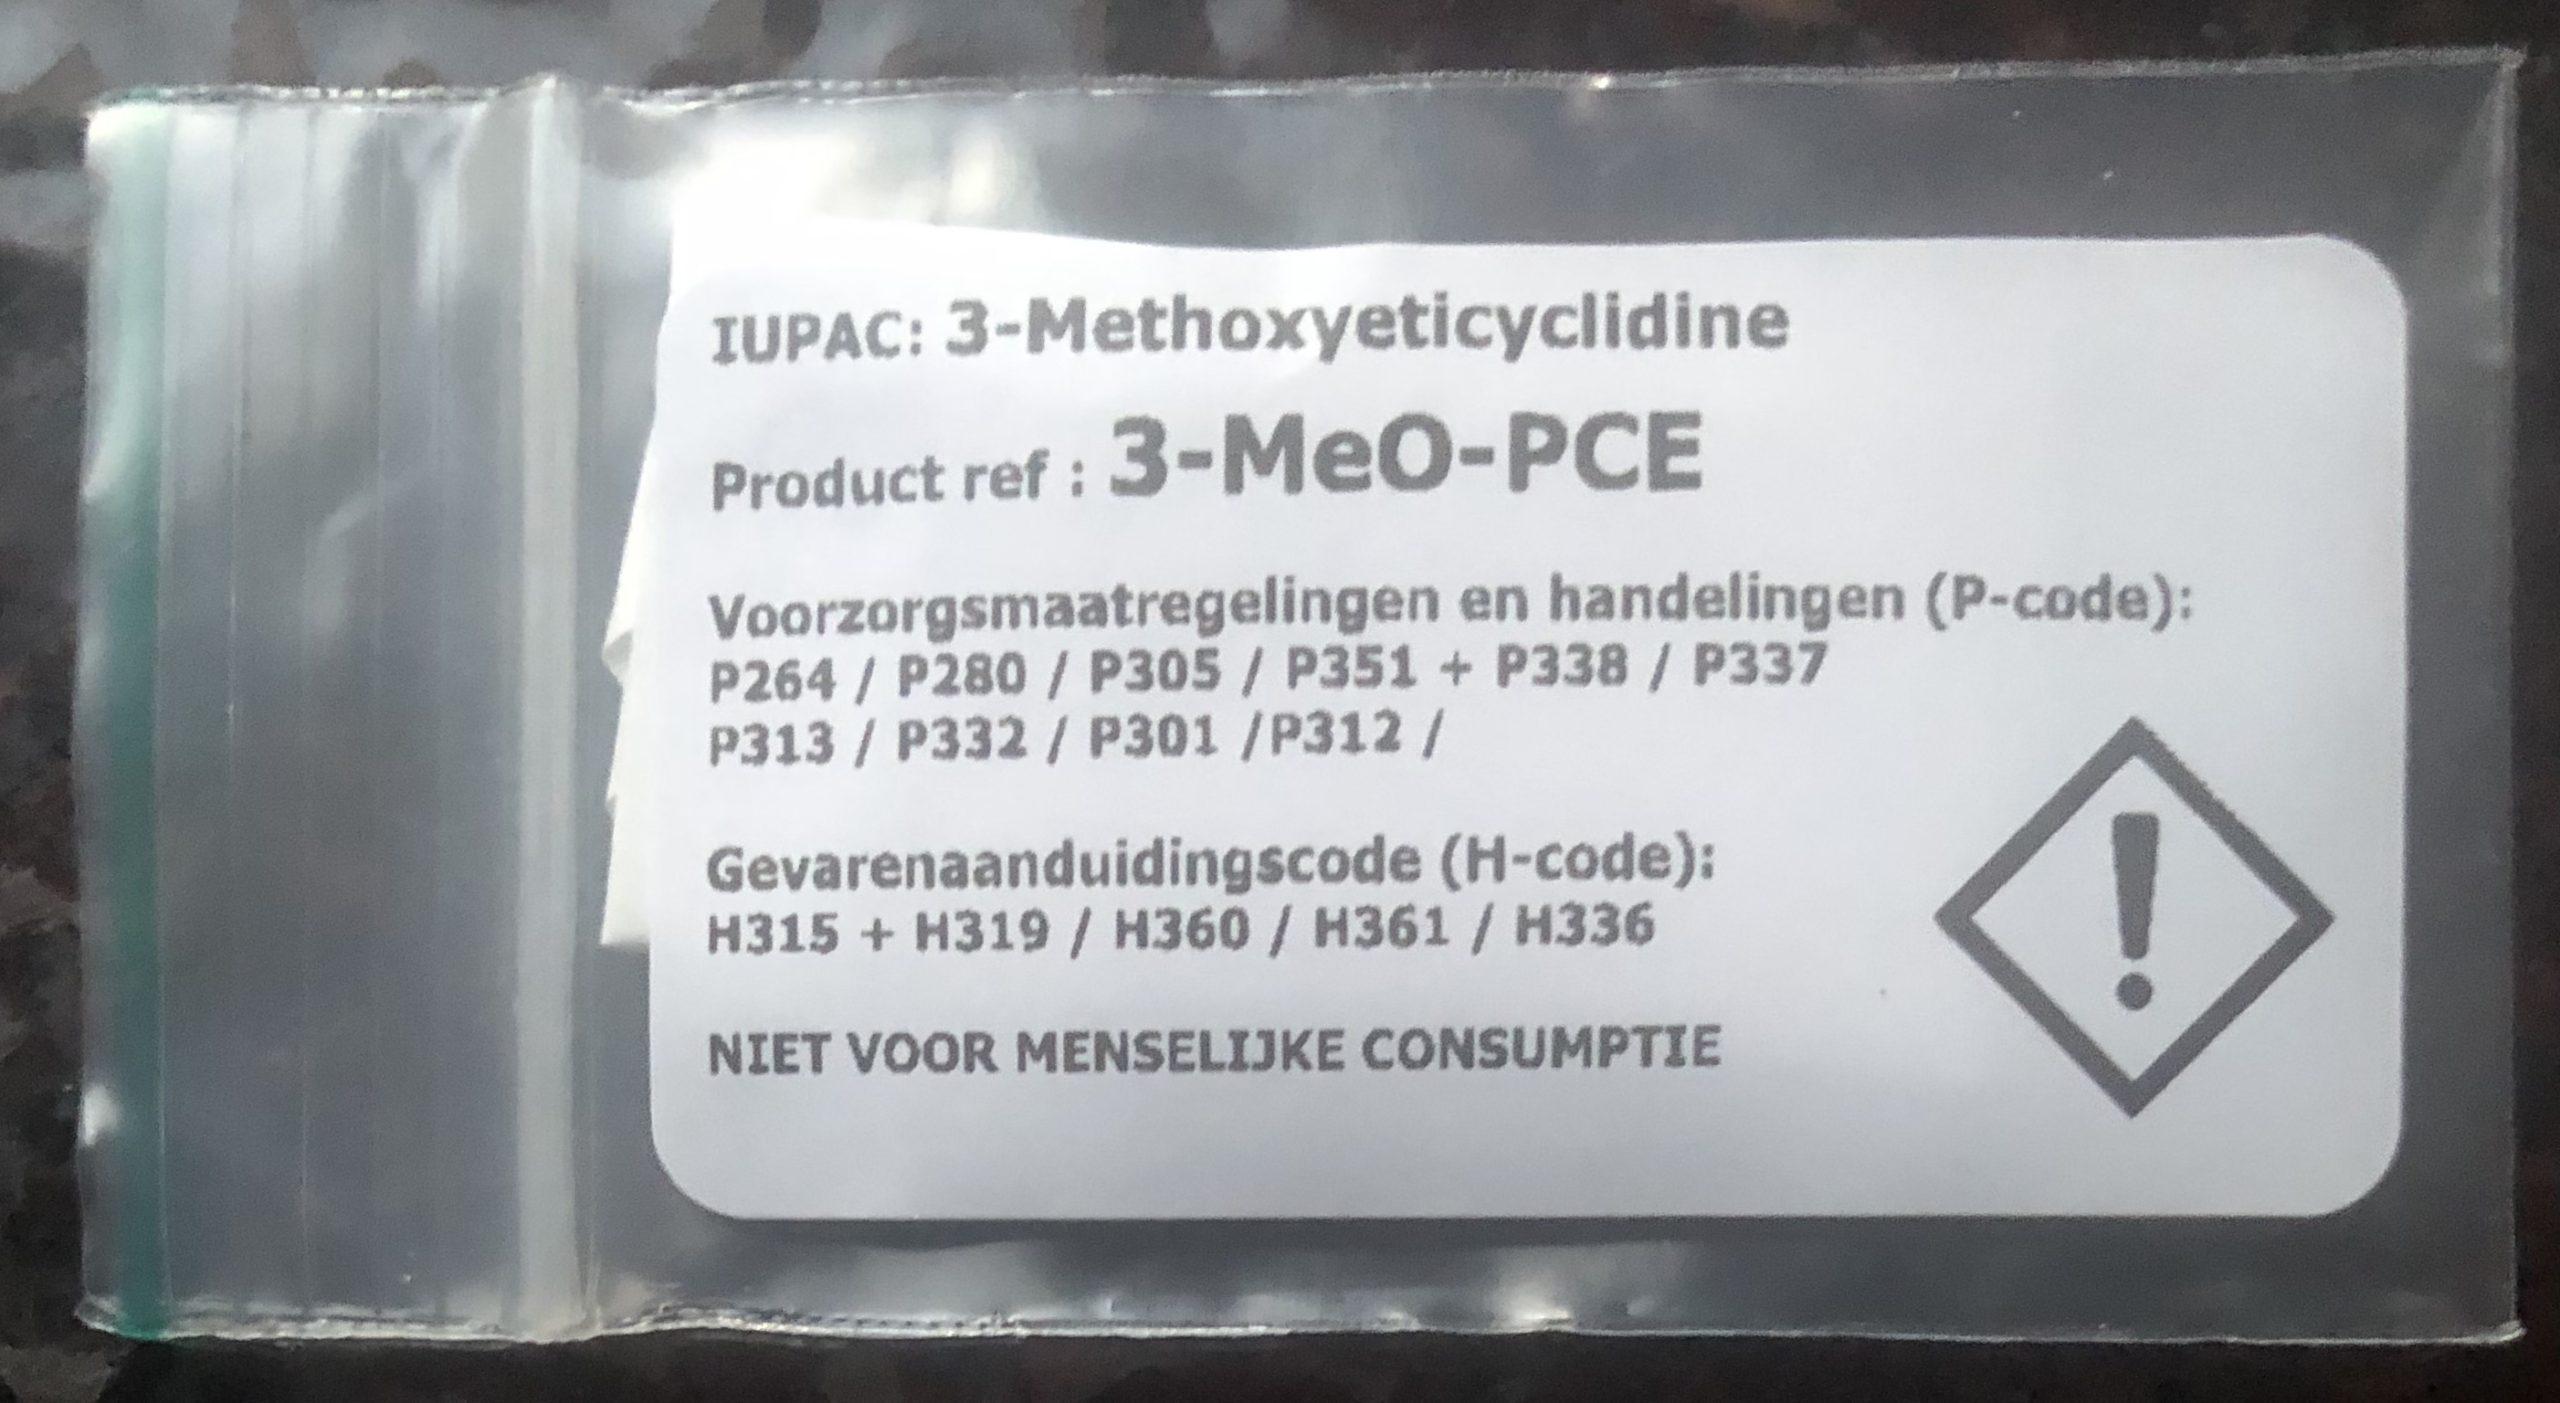 3-MeO-PCE